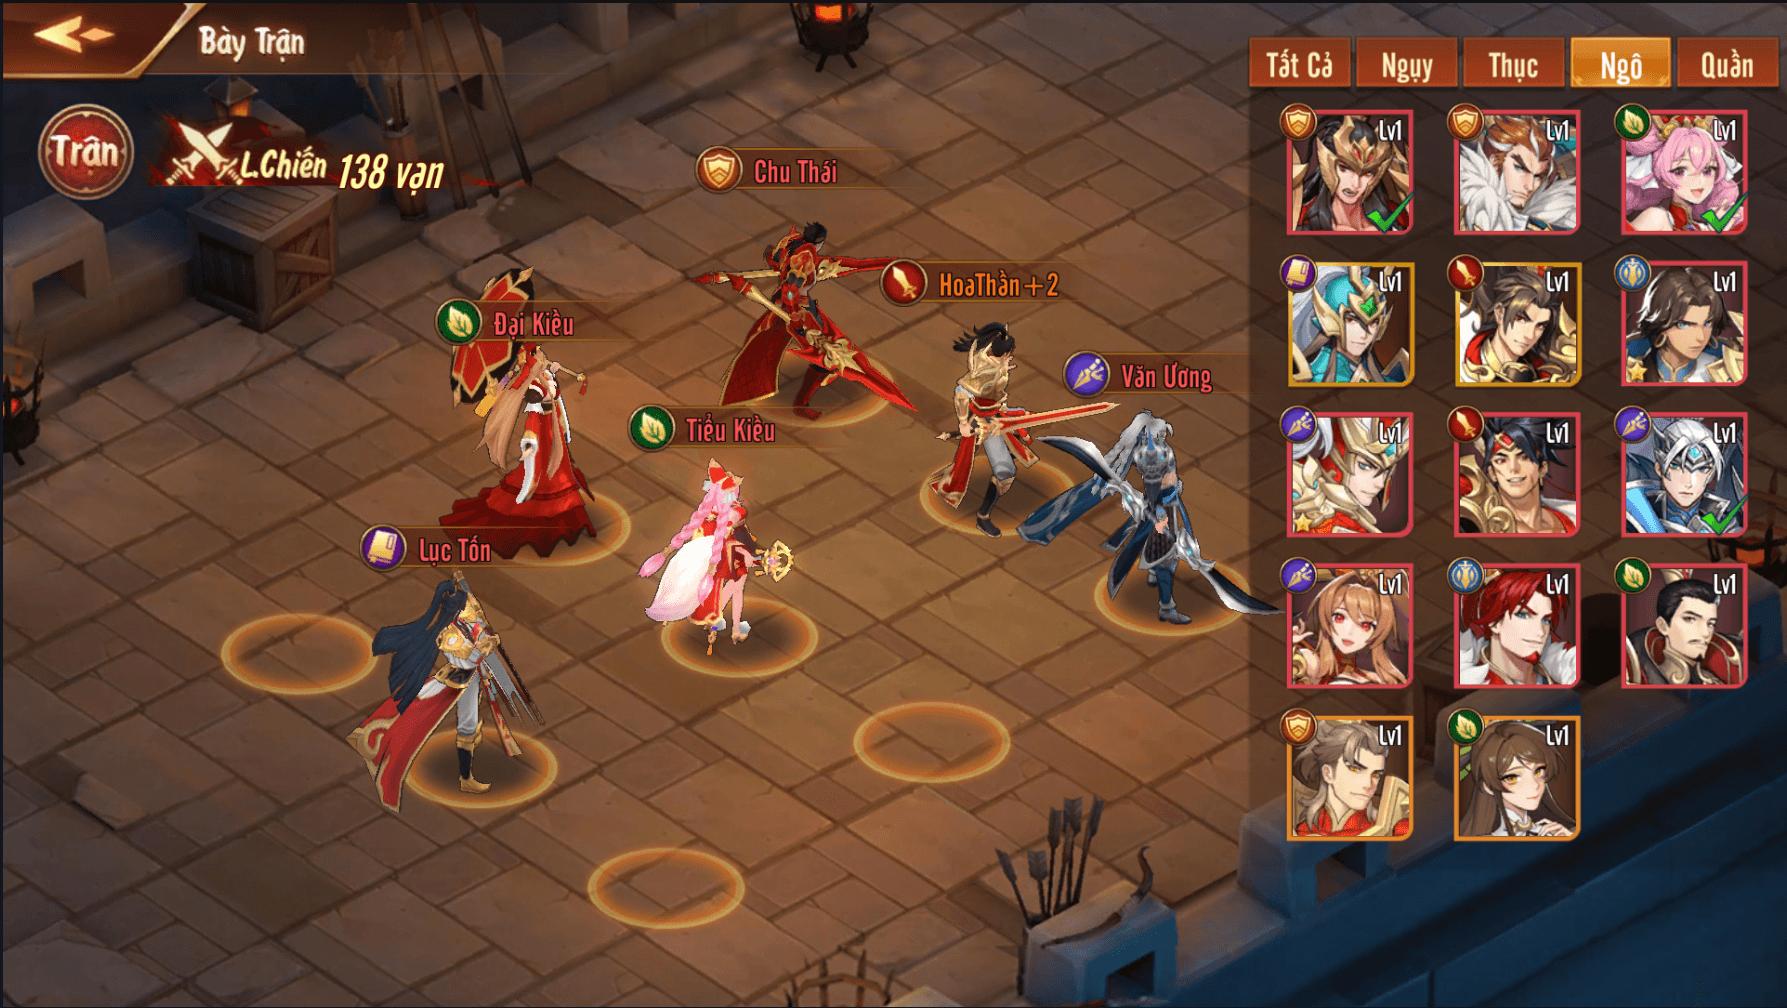 Game đấu tướng Tam quốc Tân OMG3Q VNG chính thức ra mắt